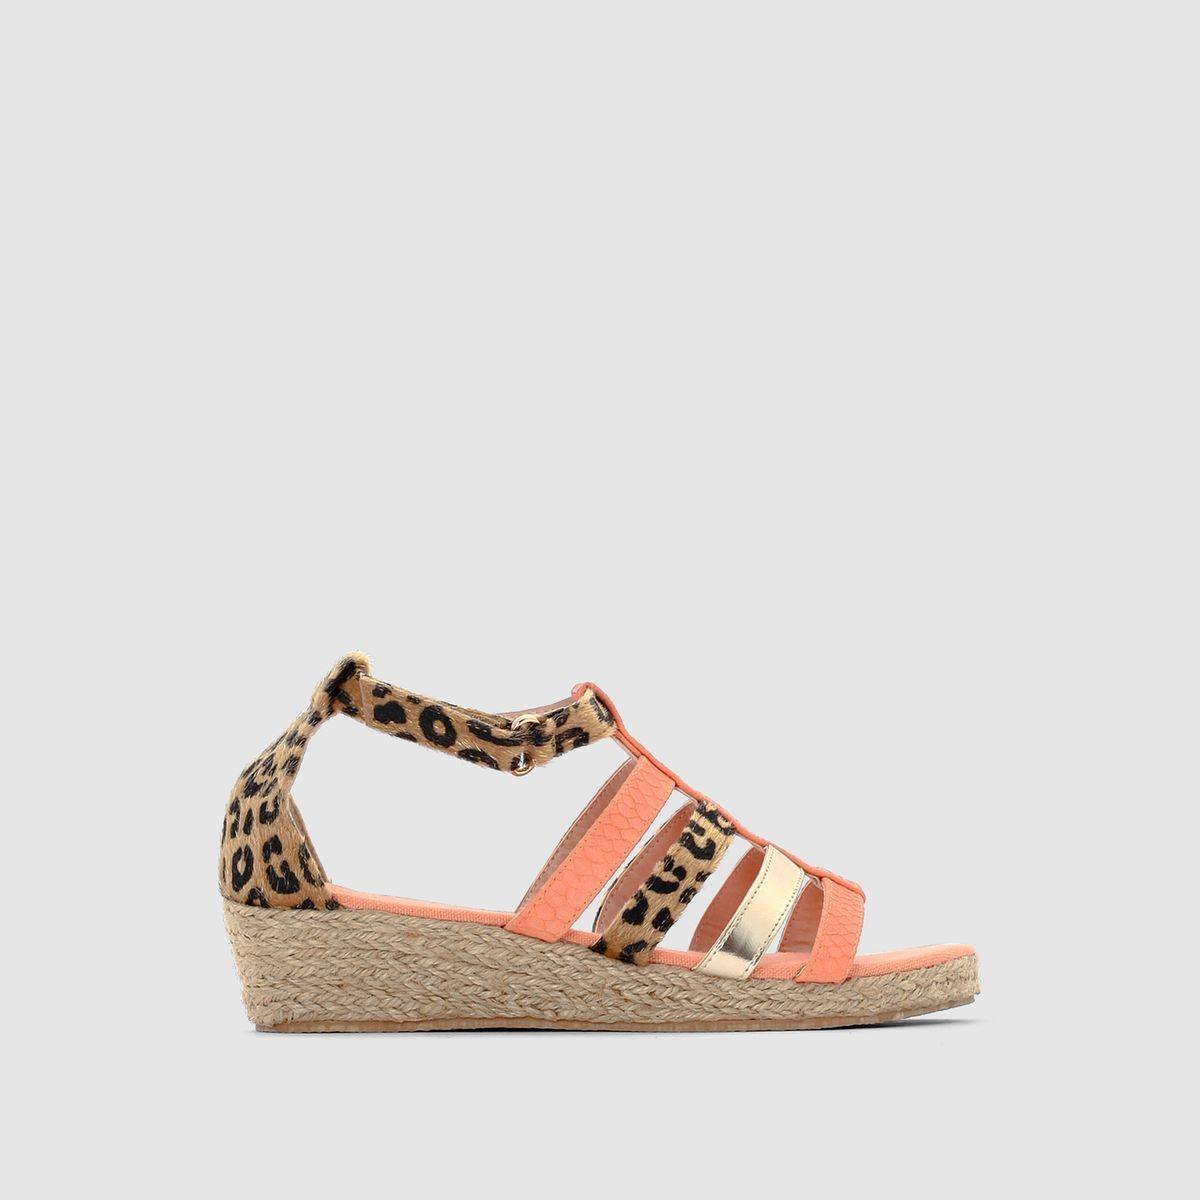 Sandales compensées, imprimé léopard